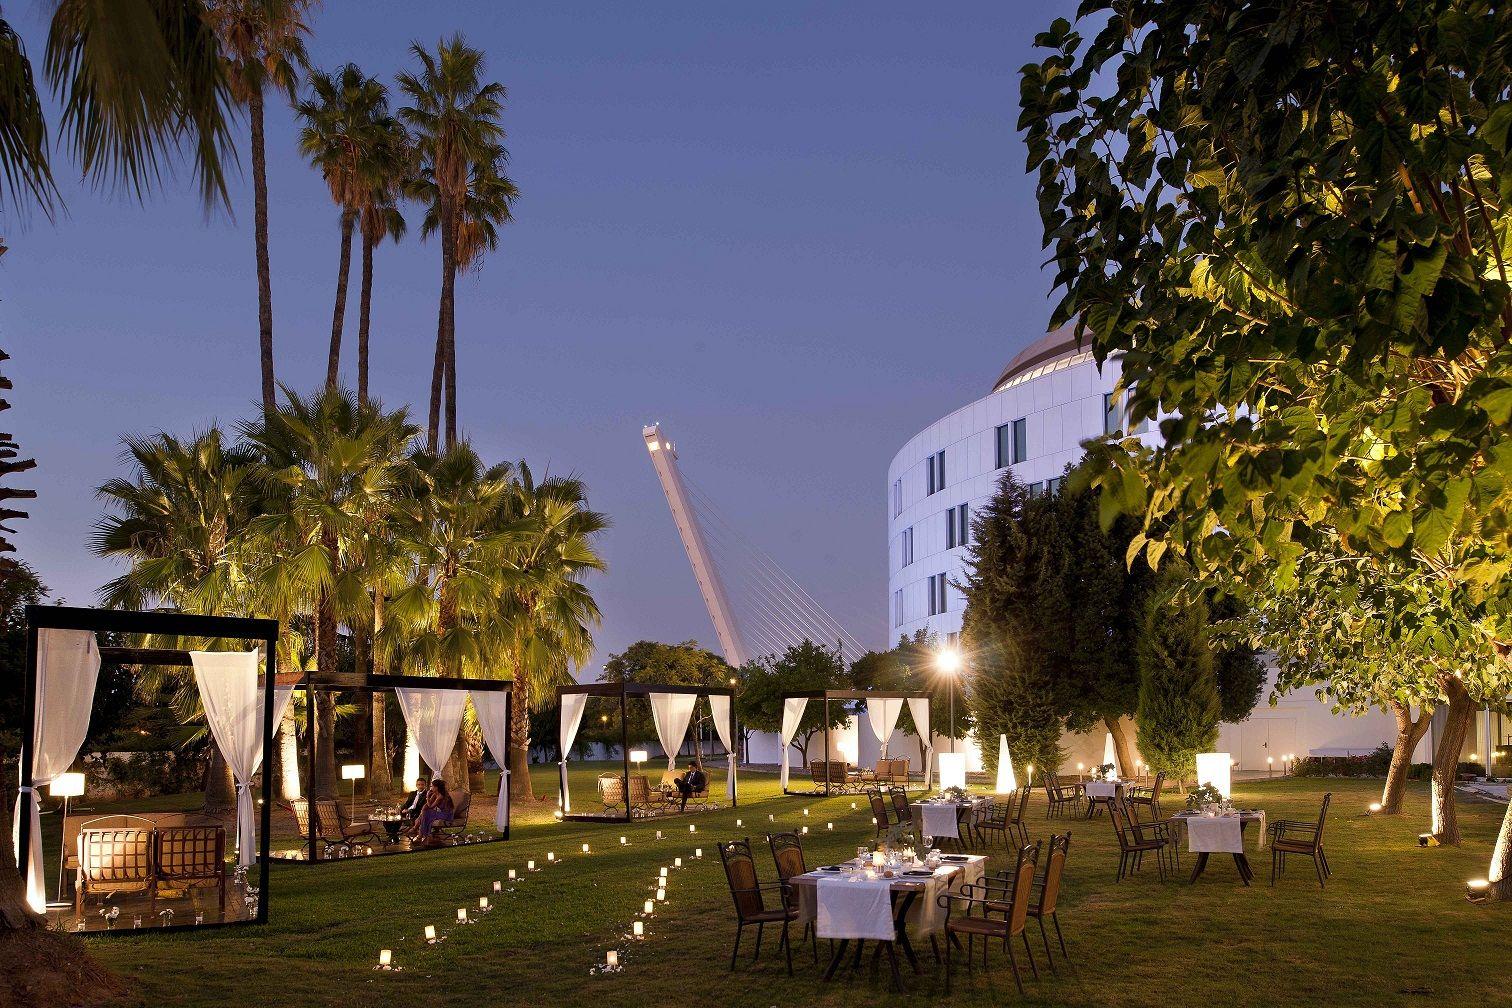 Jardines Y Piscina Del Hotel Barcelo Sevilla Renacimiento Piscina Jardin Hotel Eventos